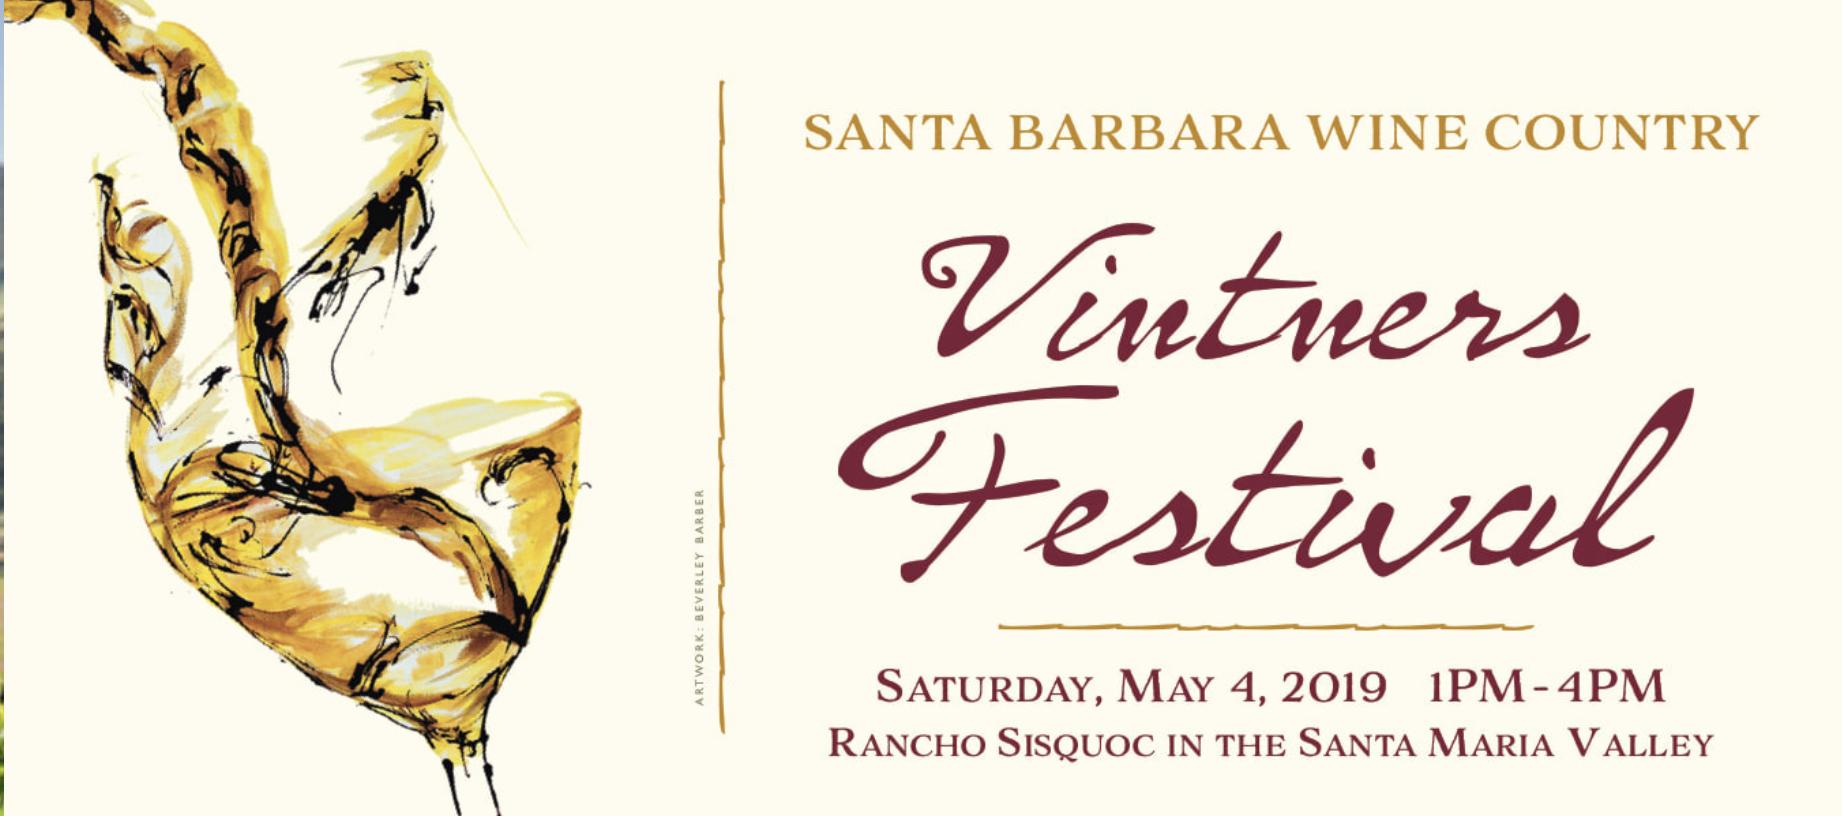 2019 Santa Barbara County Vintners Festival